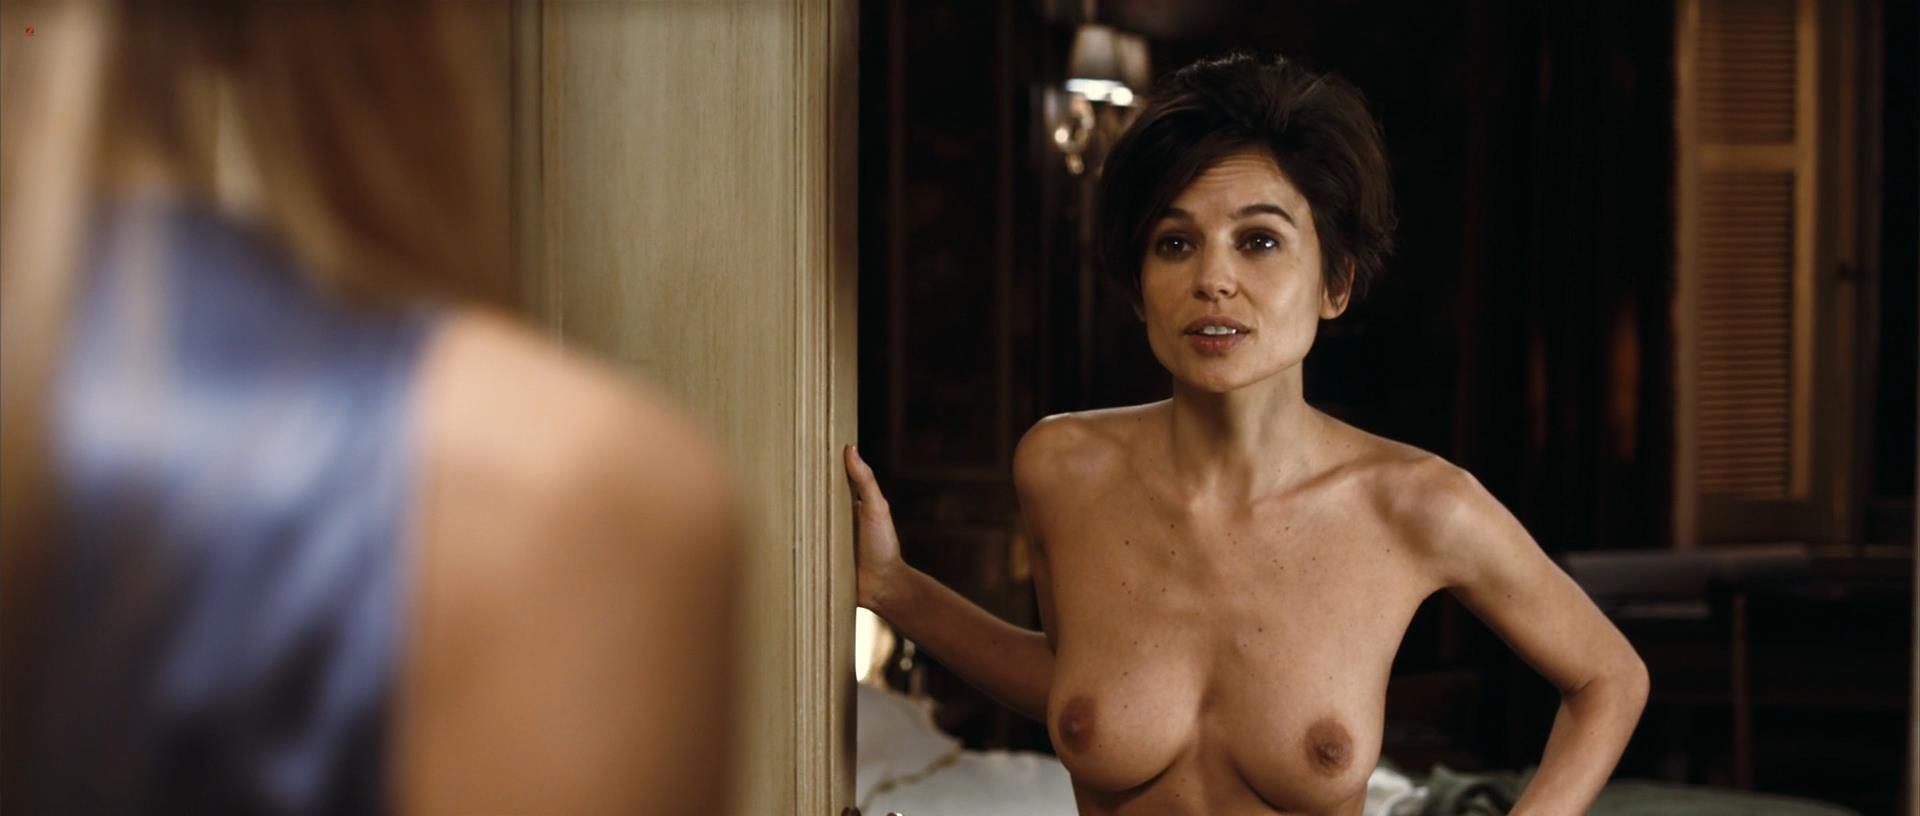 Elena Anaya nude full frontal and Natasha Yarovenko nude bush and lesbian sex - Room in Rome (2010) hd1080p